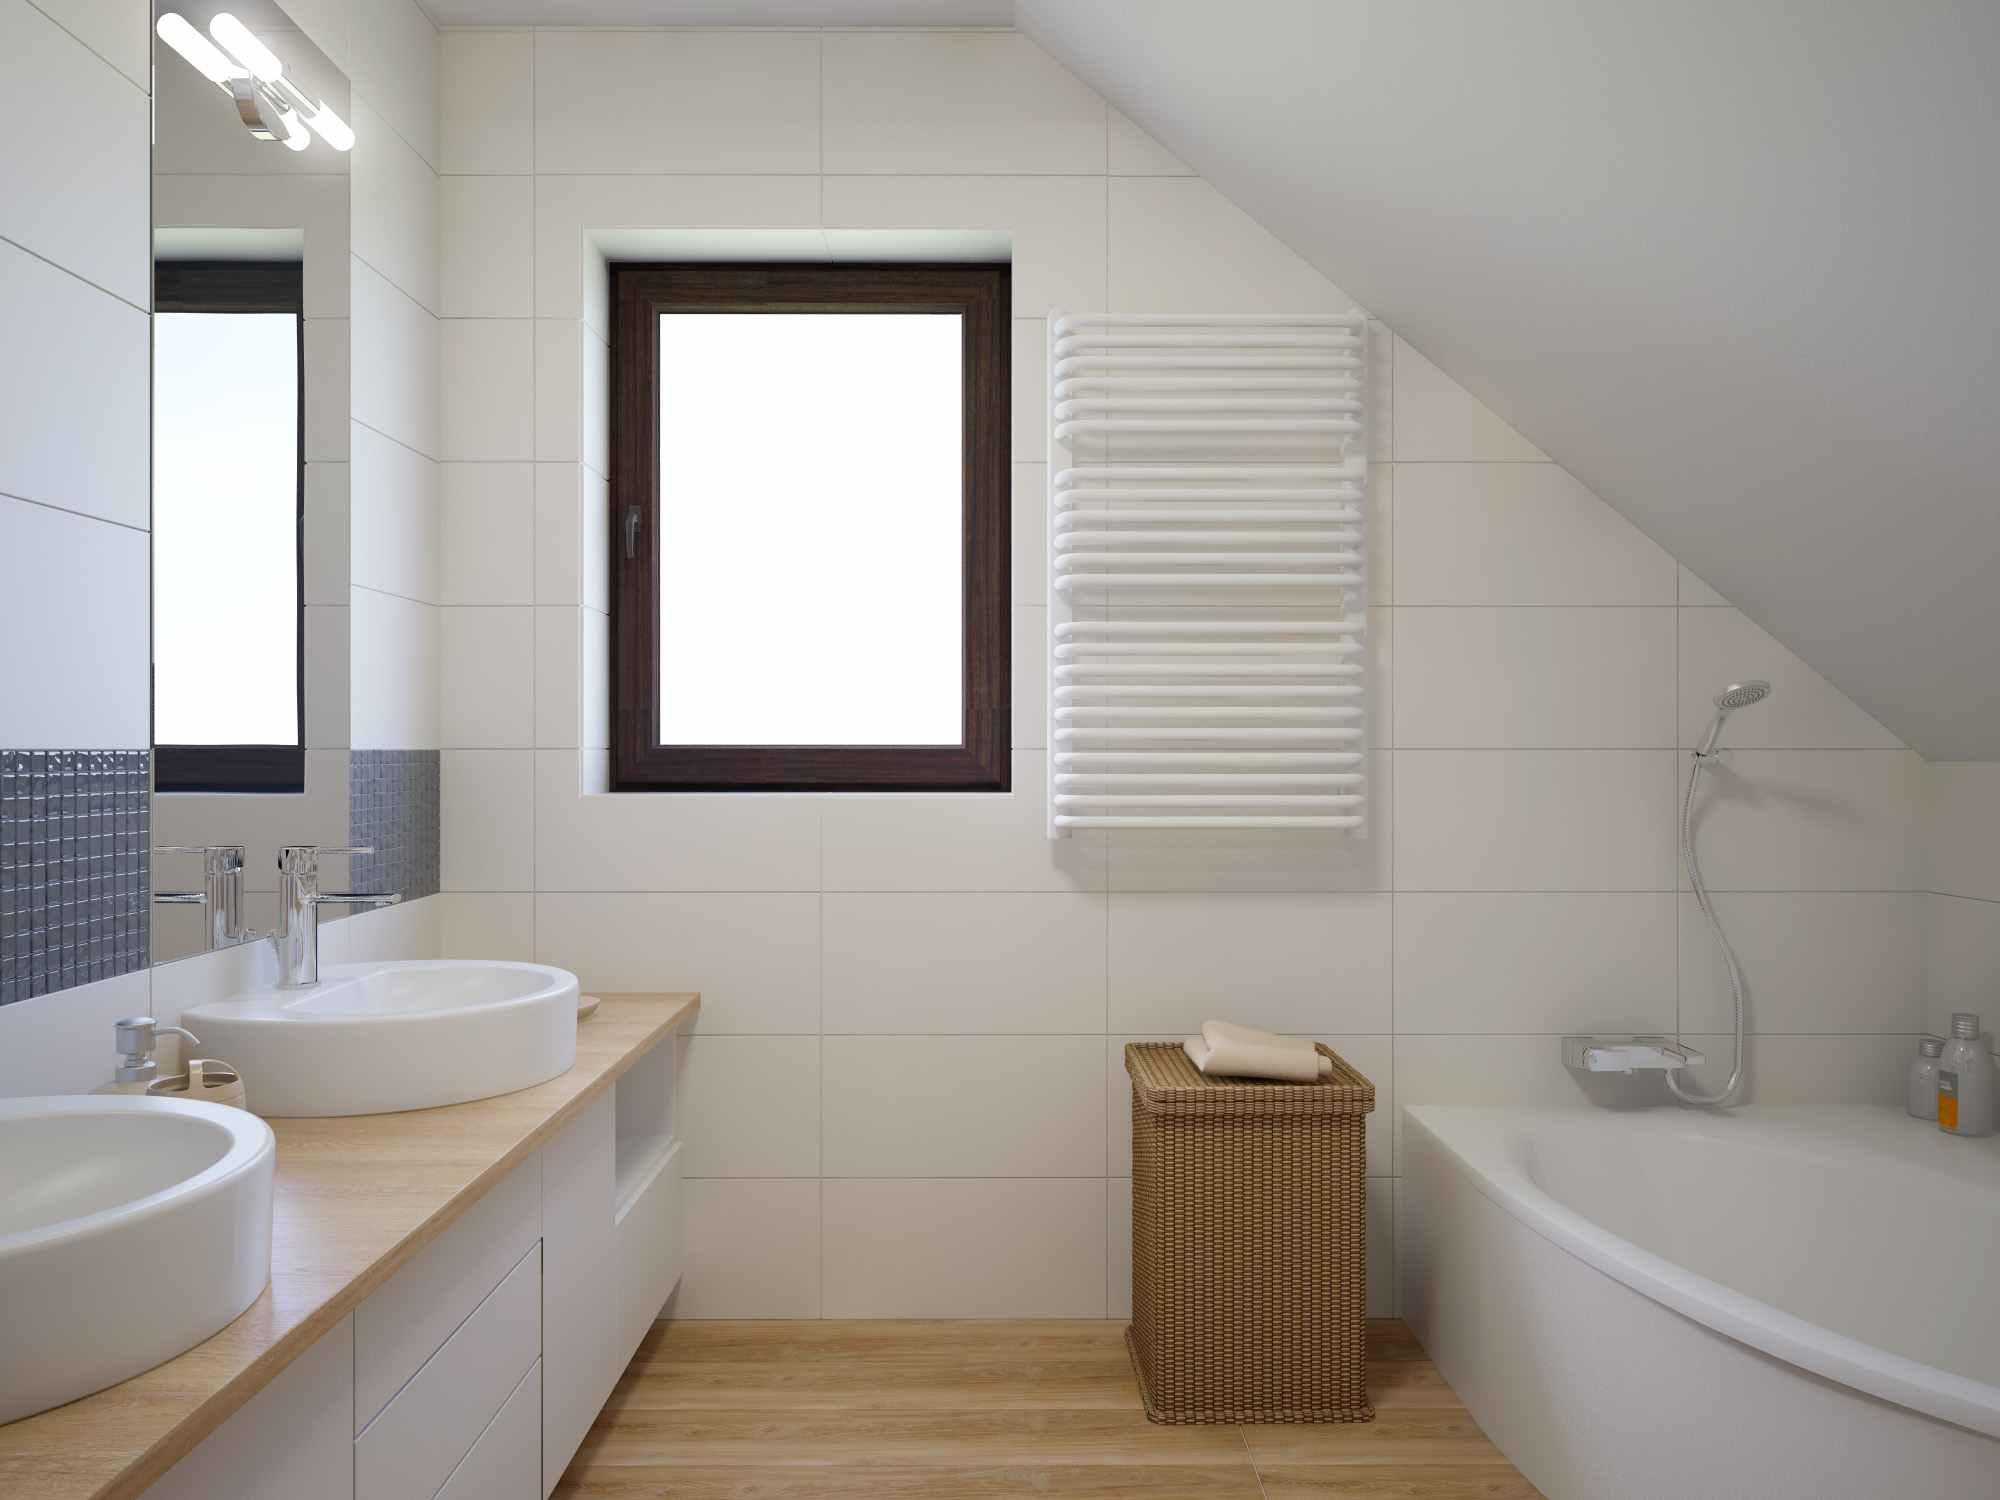 Łazienka i prysznic układanie glazury